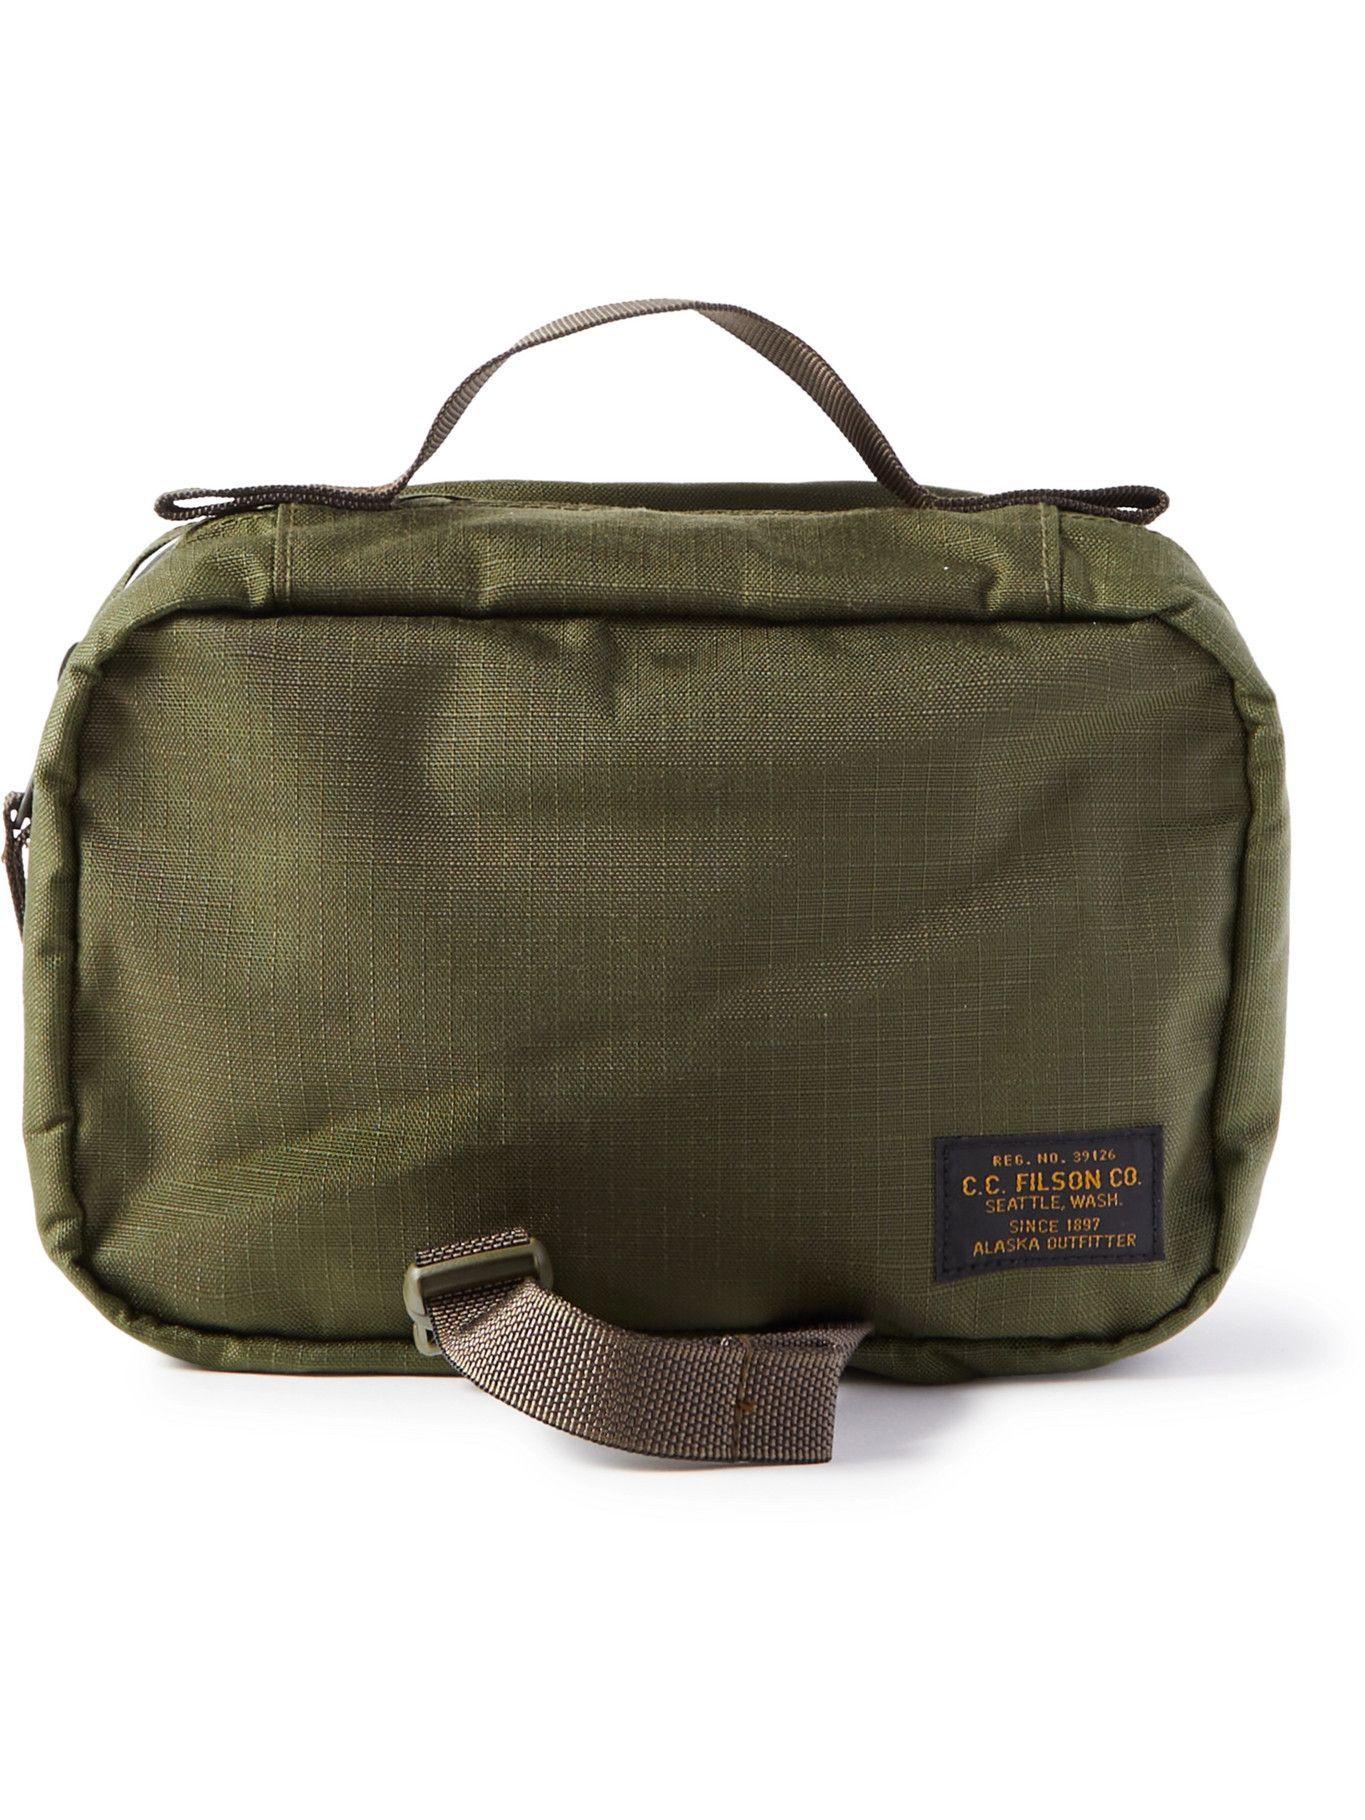 FILSON - CORDURA Ripstop Wash Bag